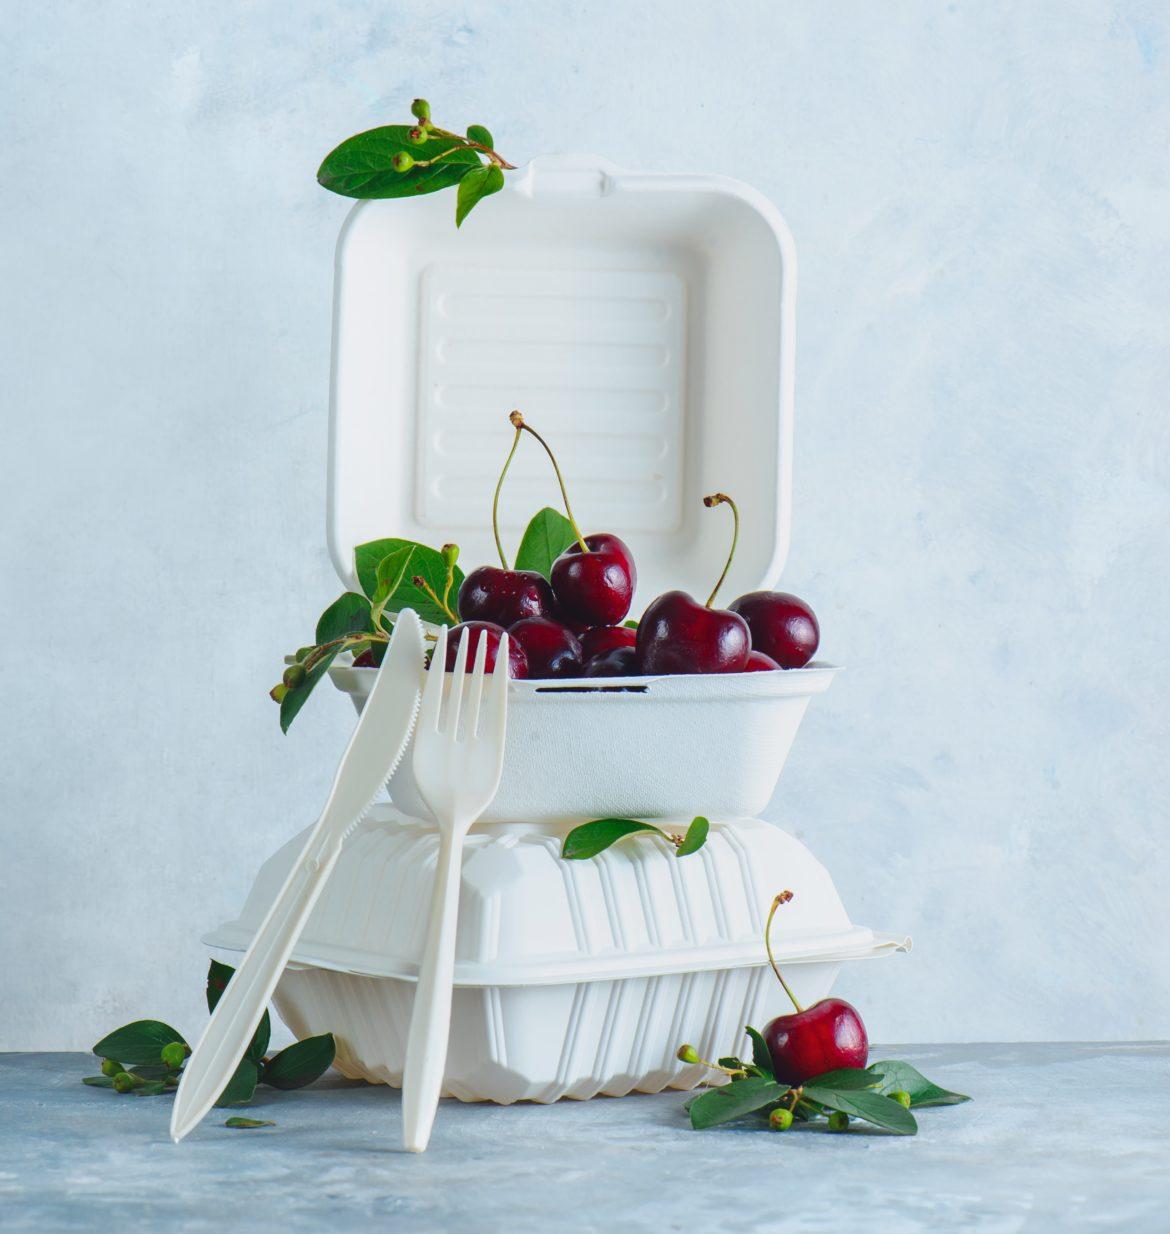 Addio alla plastica usa e getta, stoviglie e confezioni alimentari diventano 'green'